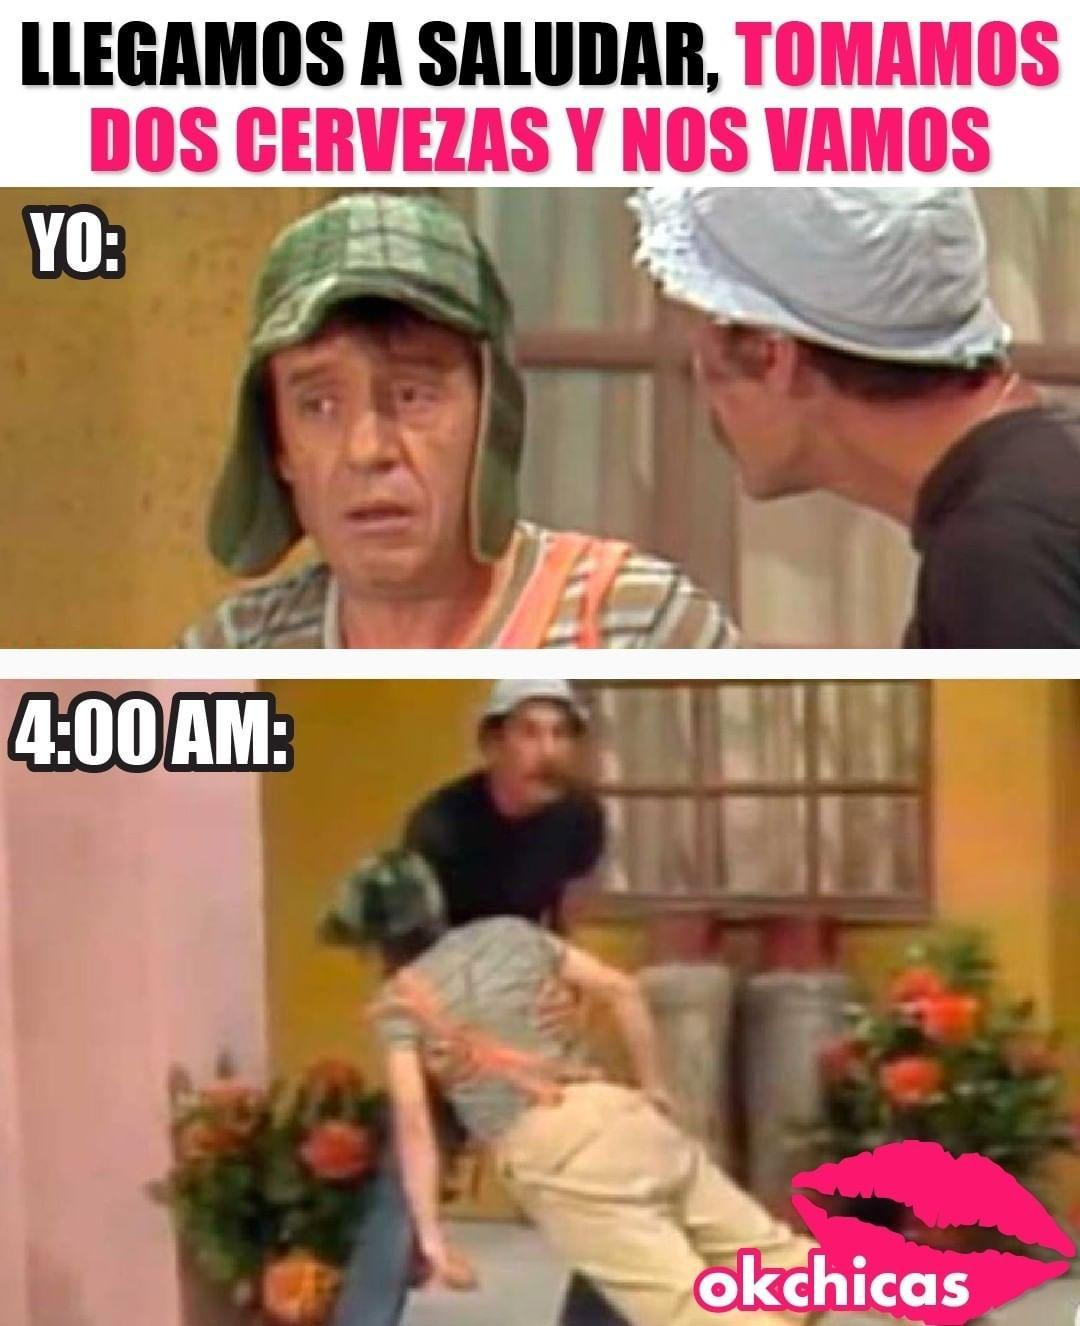 Definicion De Algo Tranqui Humor En Espanol Sarcasmo Frases Memes Graciosos